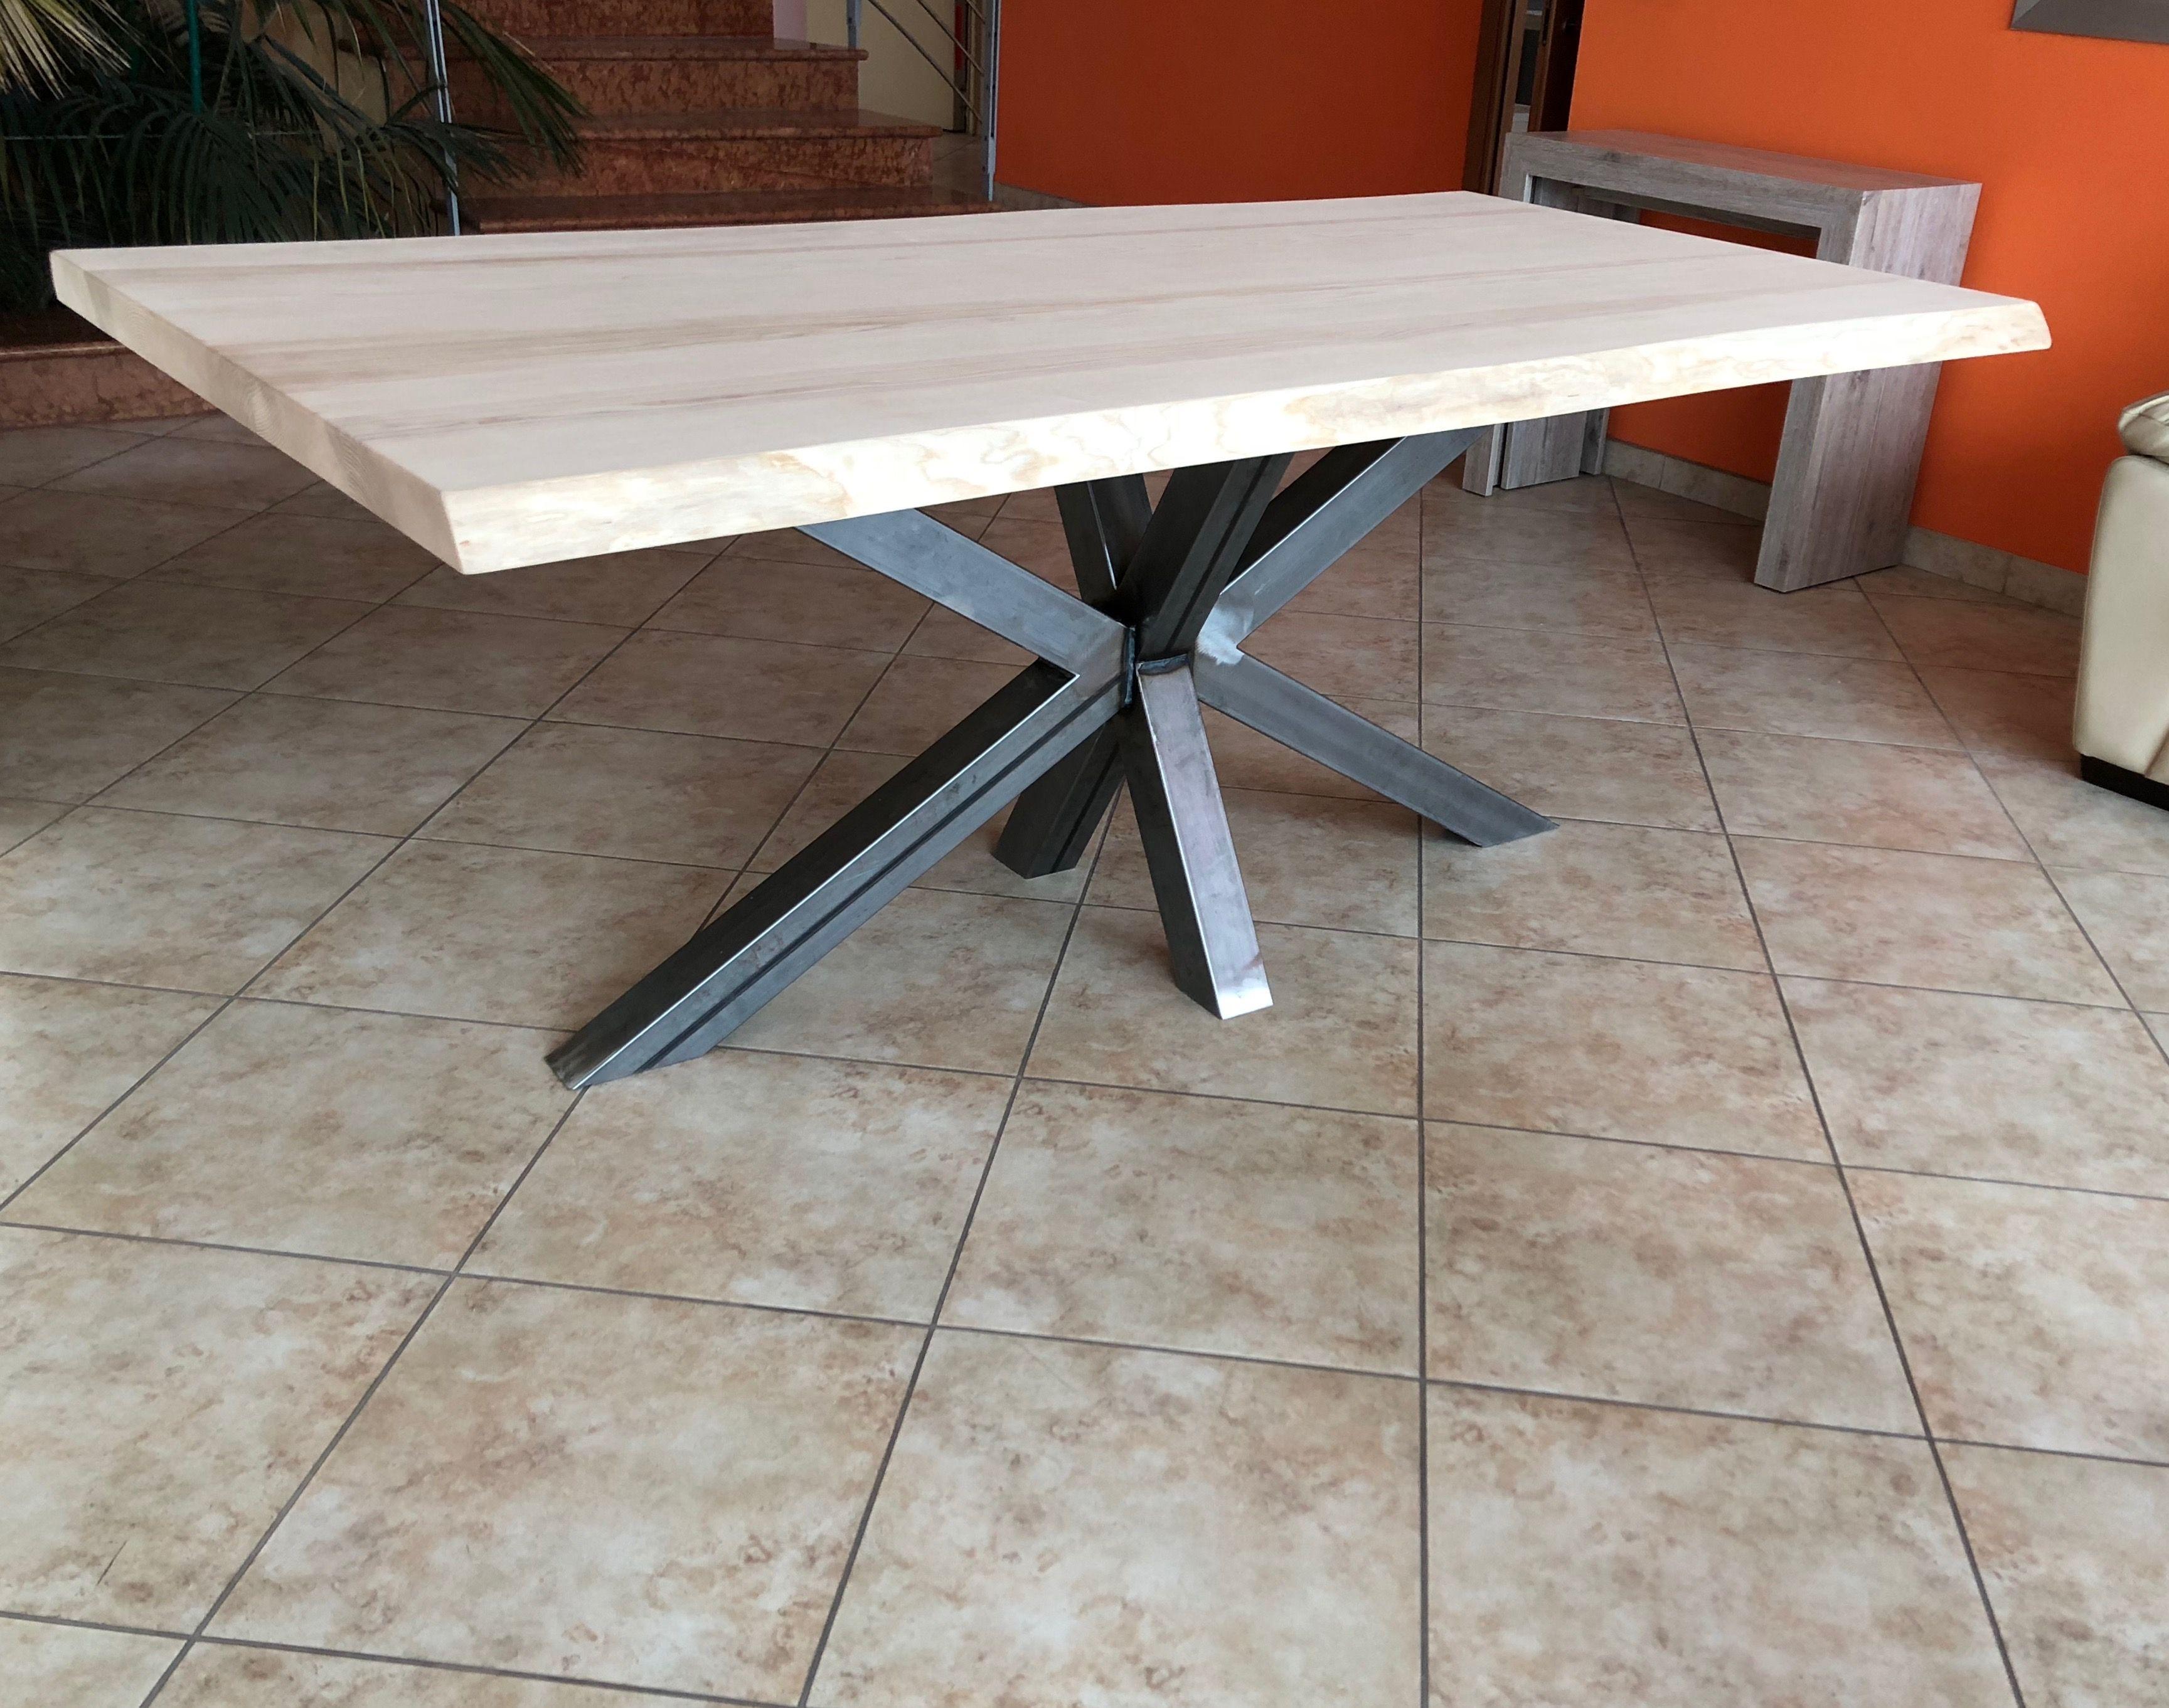 Tavoli da cucina - Tavolo Salomone legno massello ...